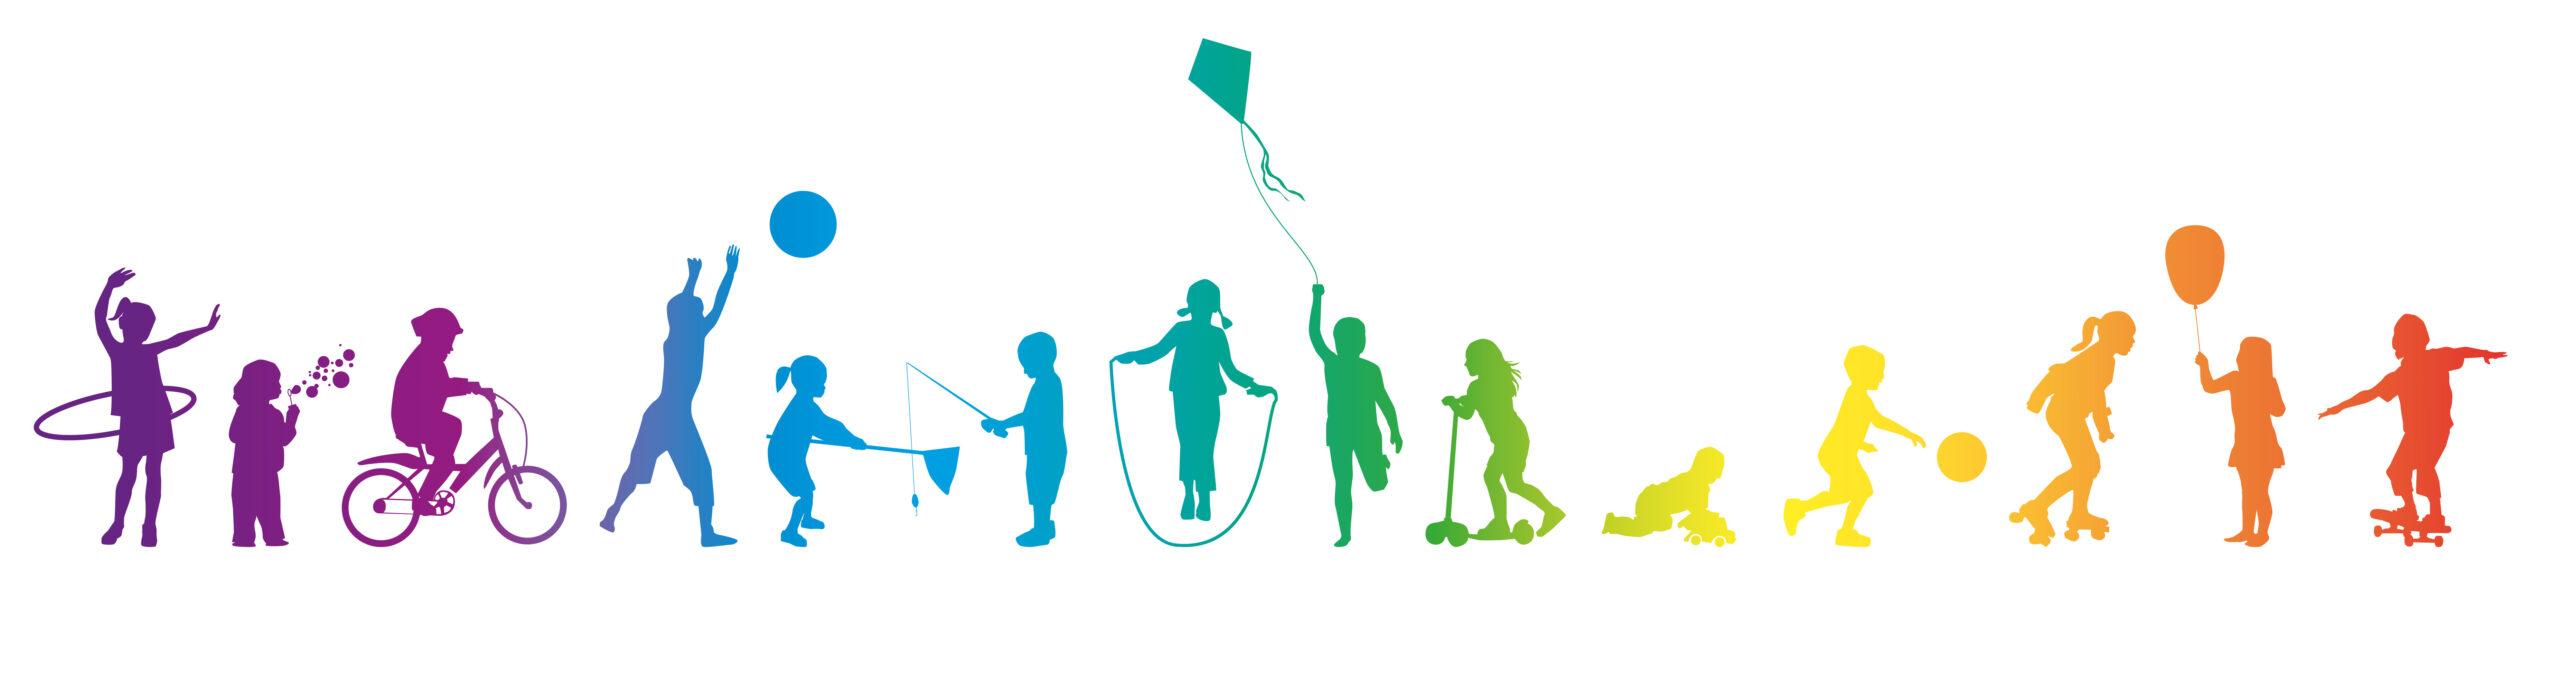 Frise-Jeux d'enfants-arc-en-ciel